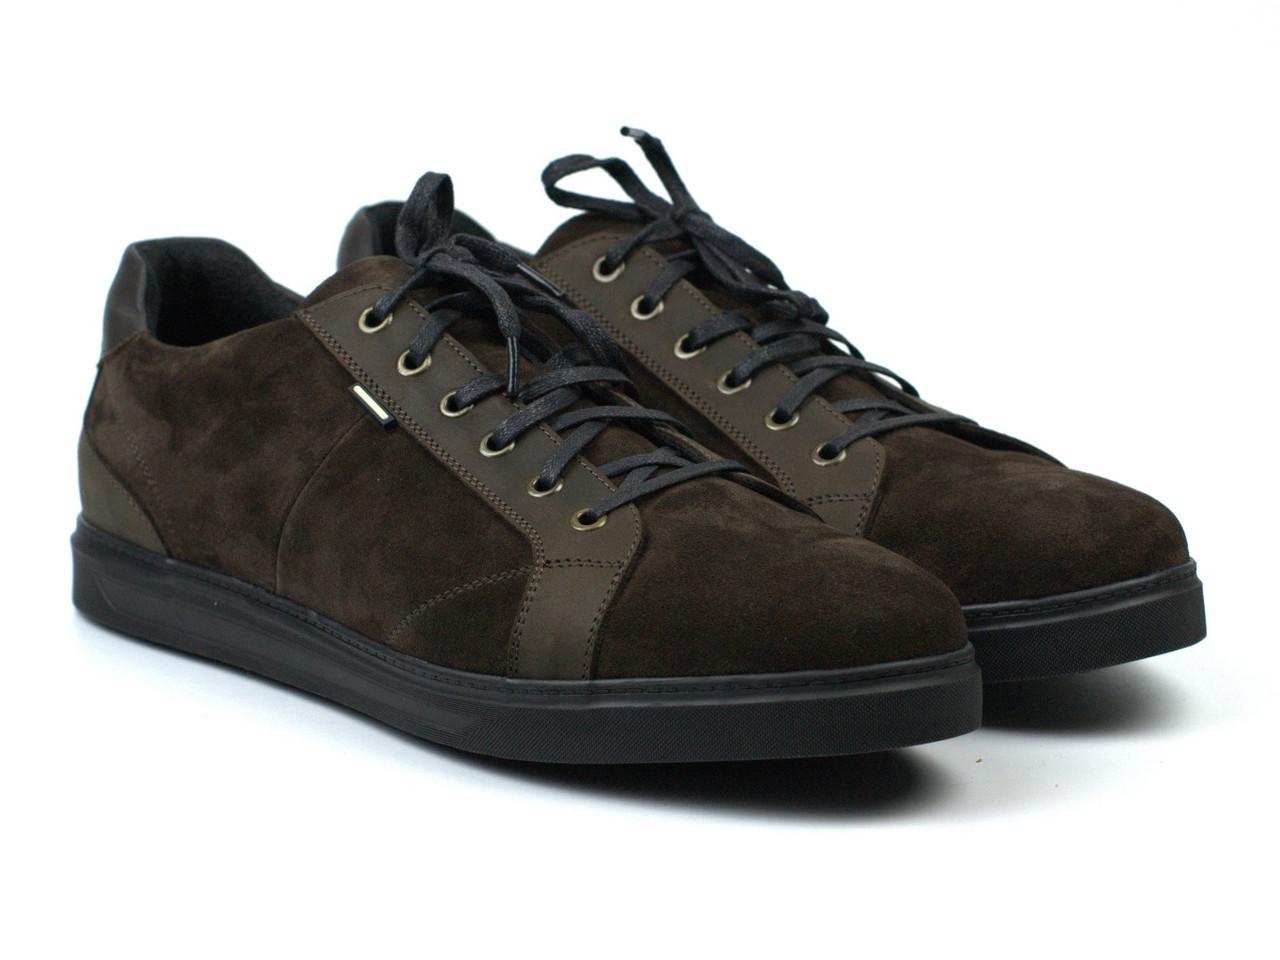 Коричневые кроссовки замшевые кеды мужская обувь Rosso Avangard Puran Brown Vel